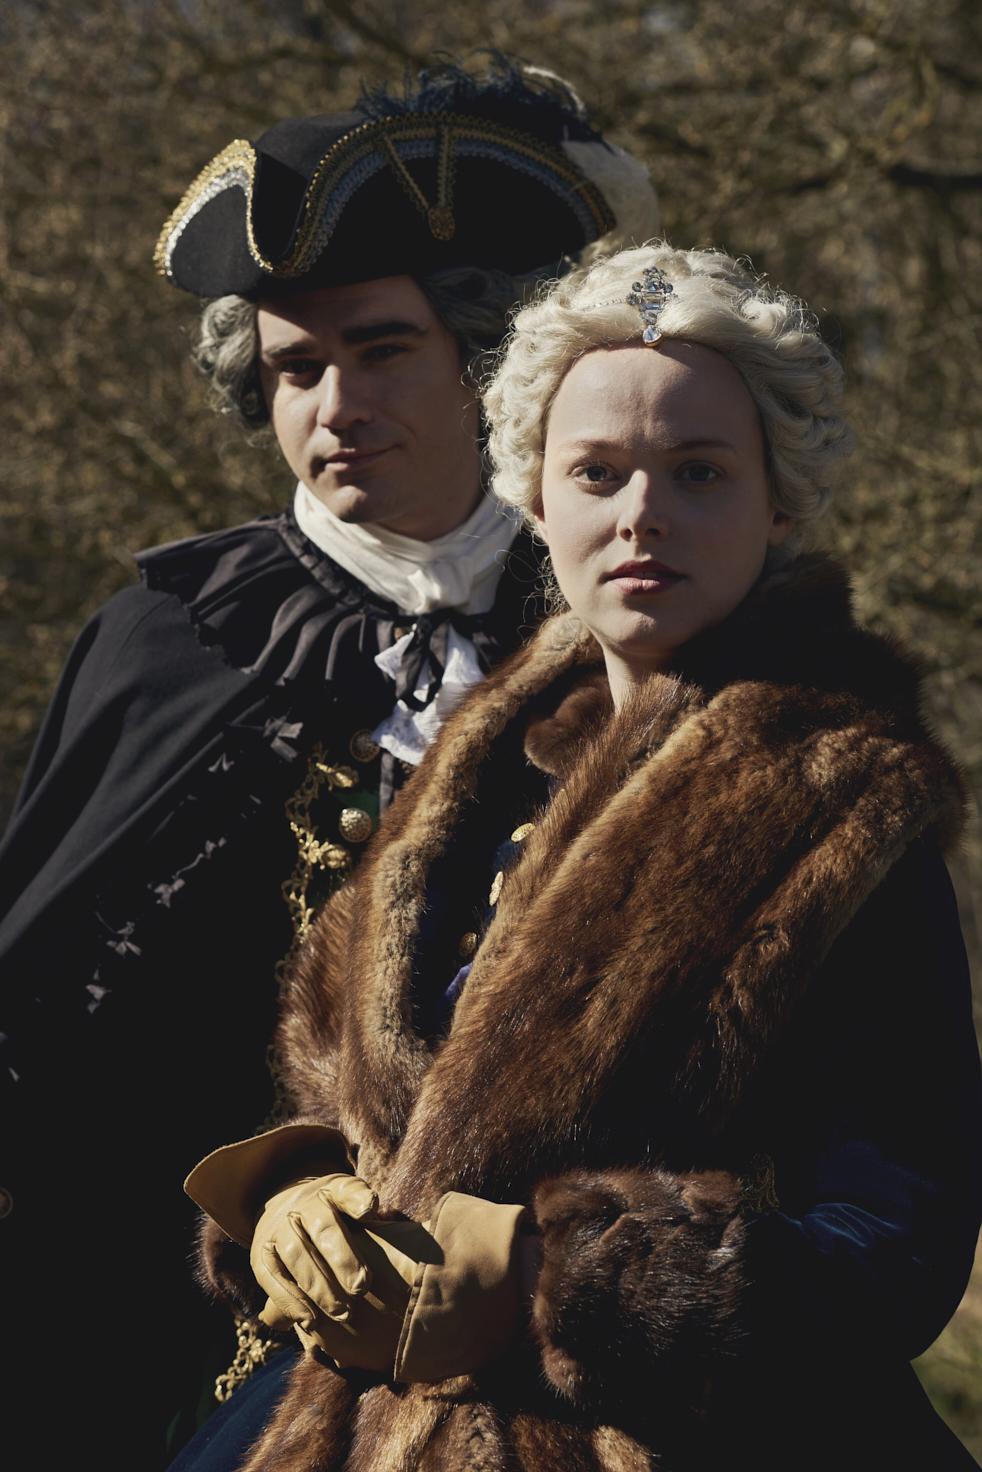 Marii Terezii hraje rakouská herečka Luise Stockinger.